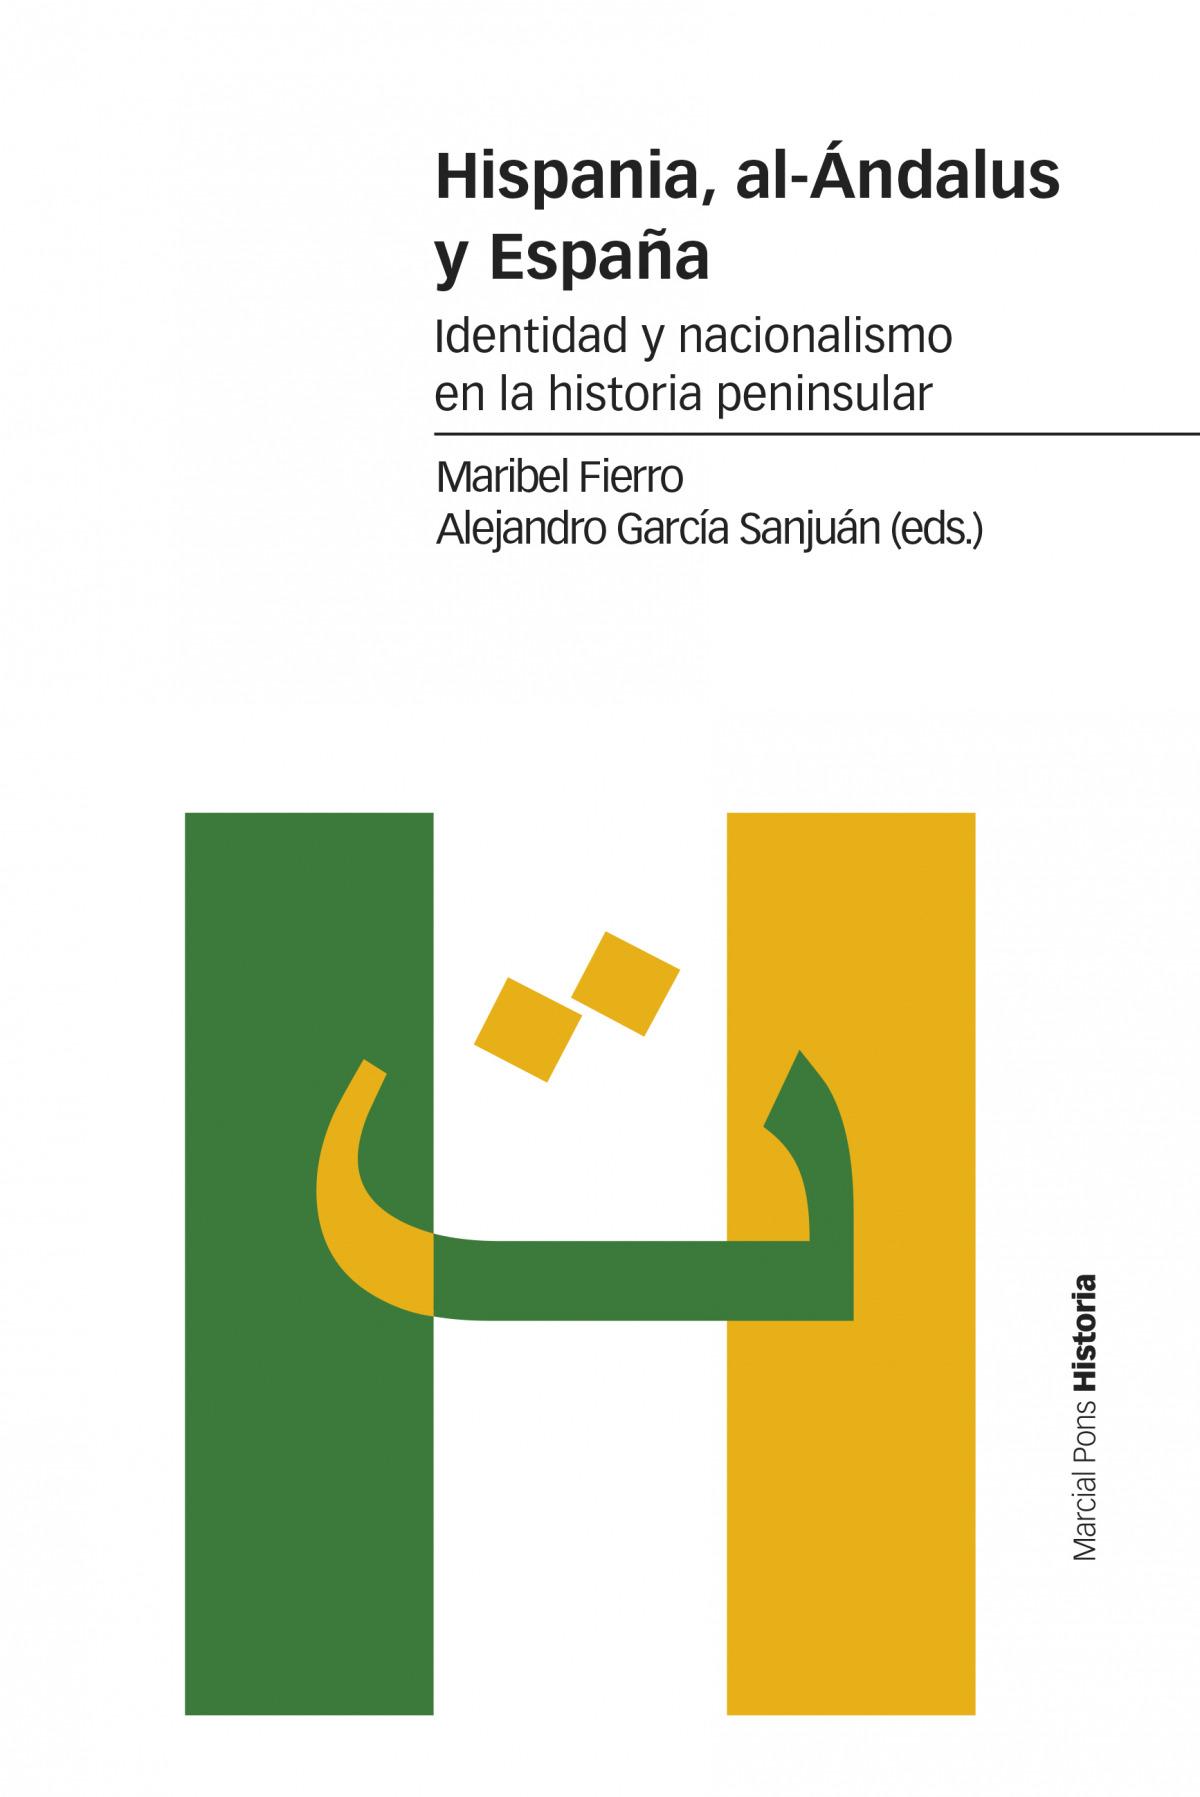 Hispania, al-Andalus y España